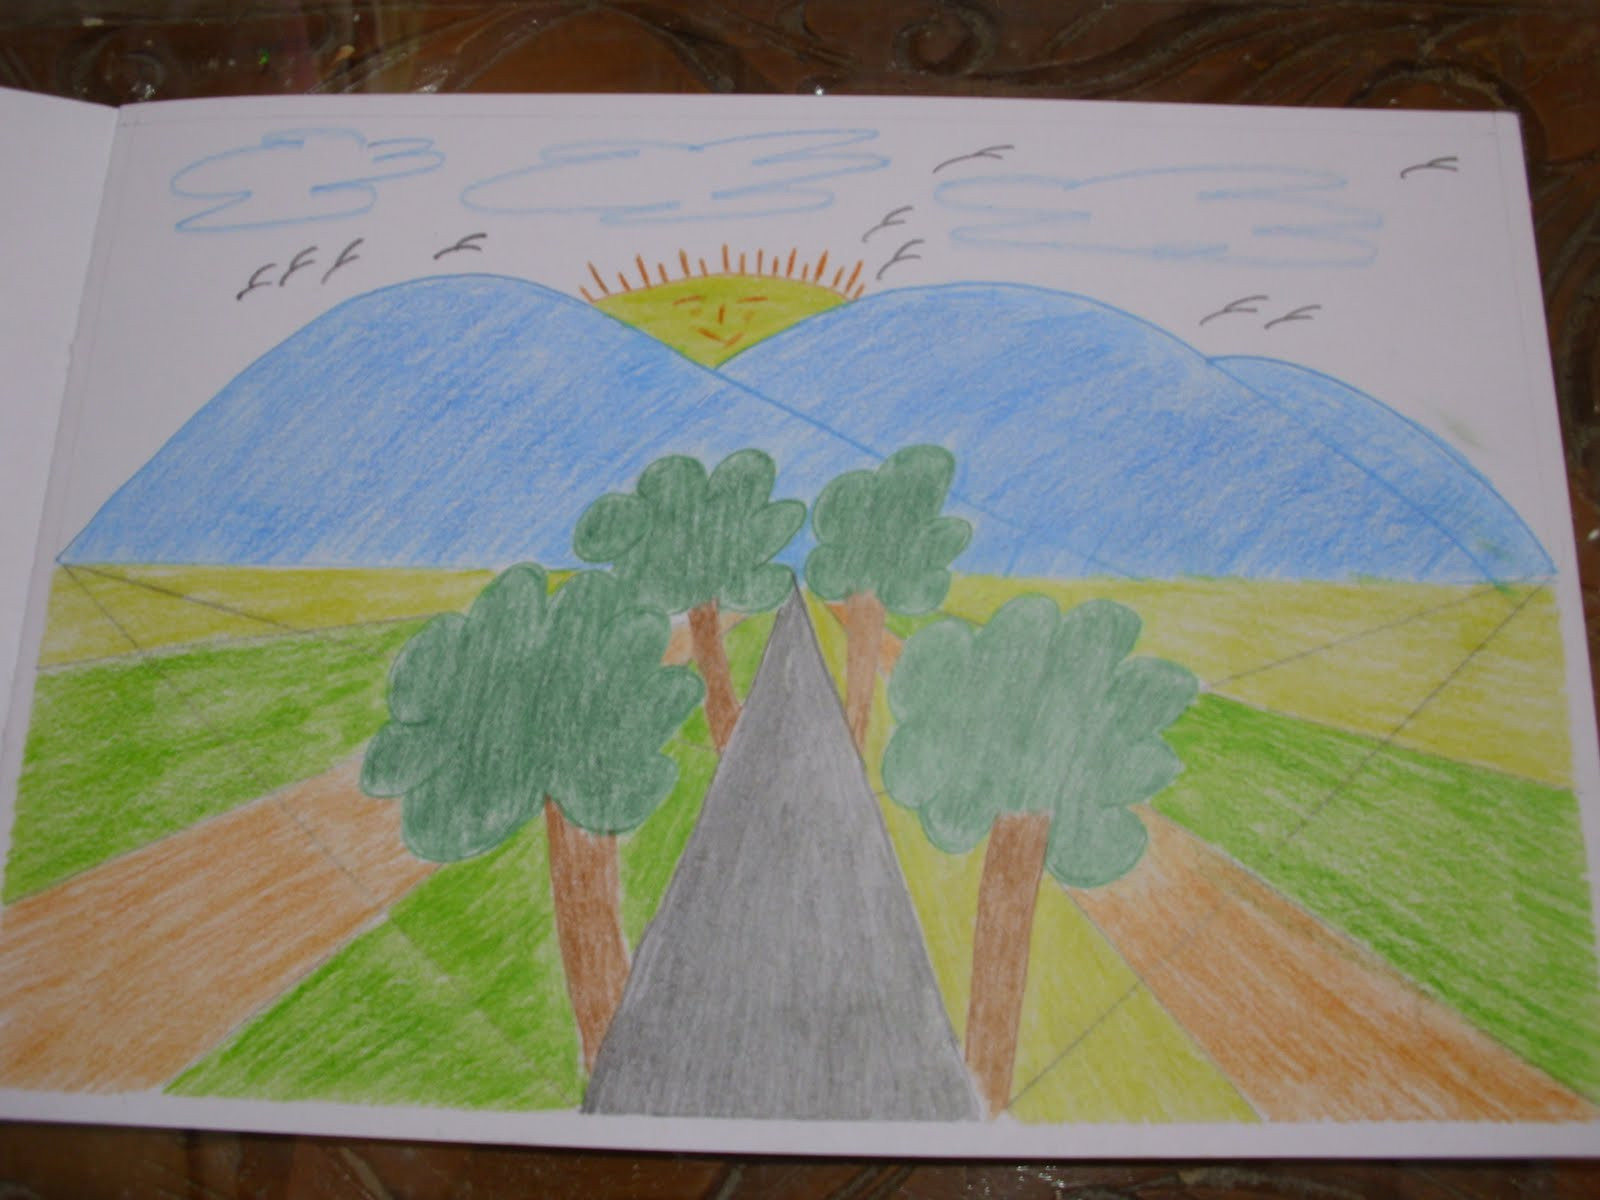 Gambar Pemandangan Alam Anak Sd Kelas 3 - Gambar Pemandangan